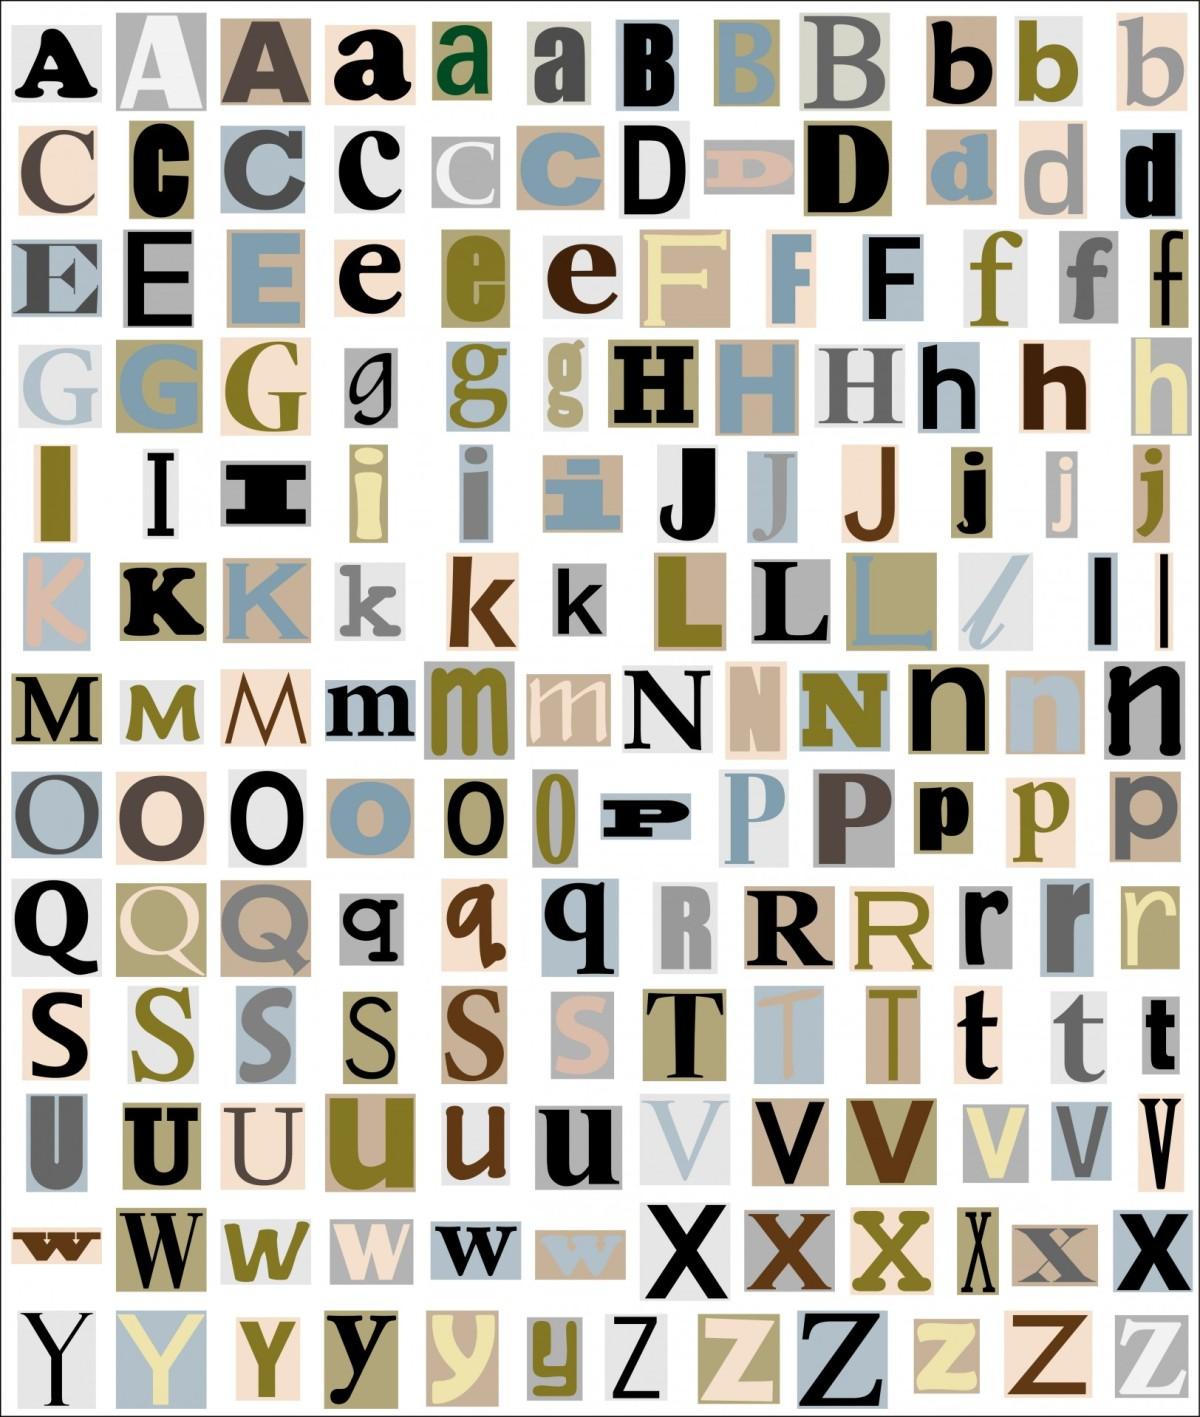 Un nuovo alfabeto ai tempi delCovid19